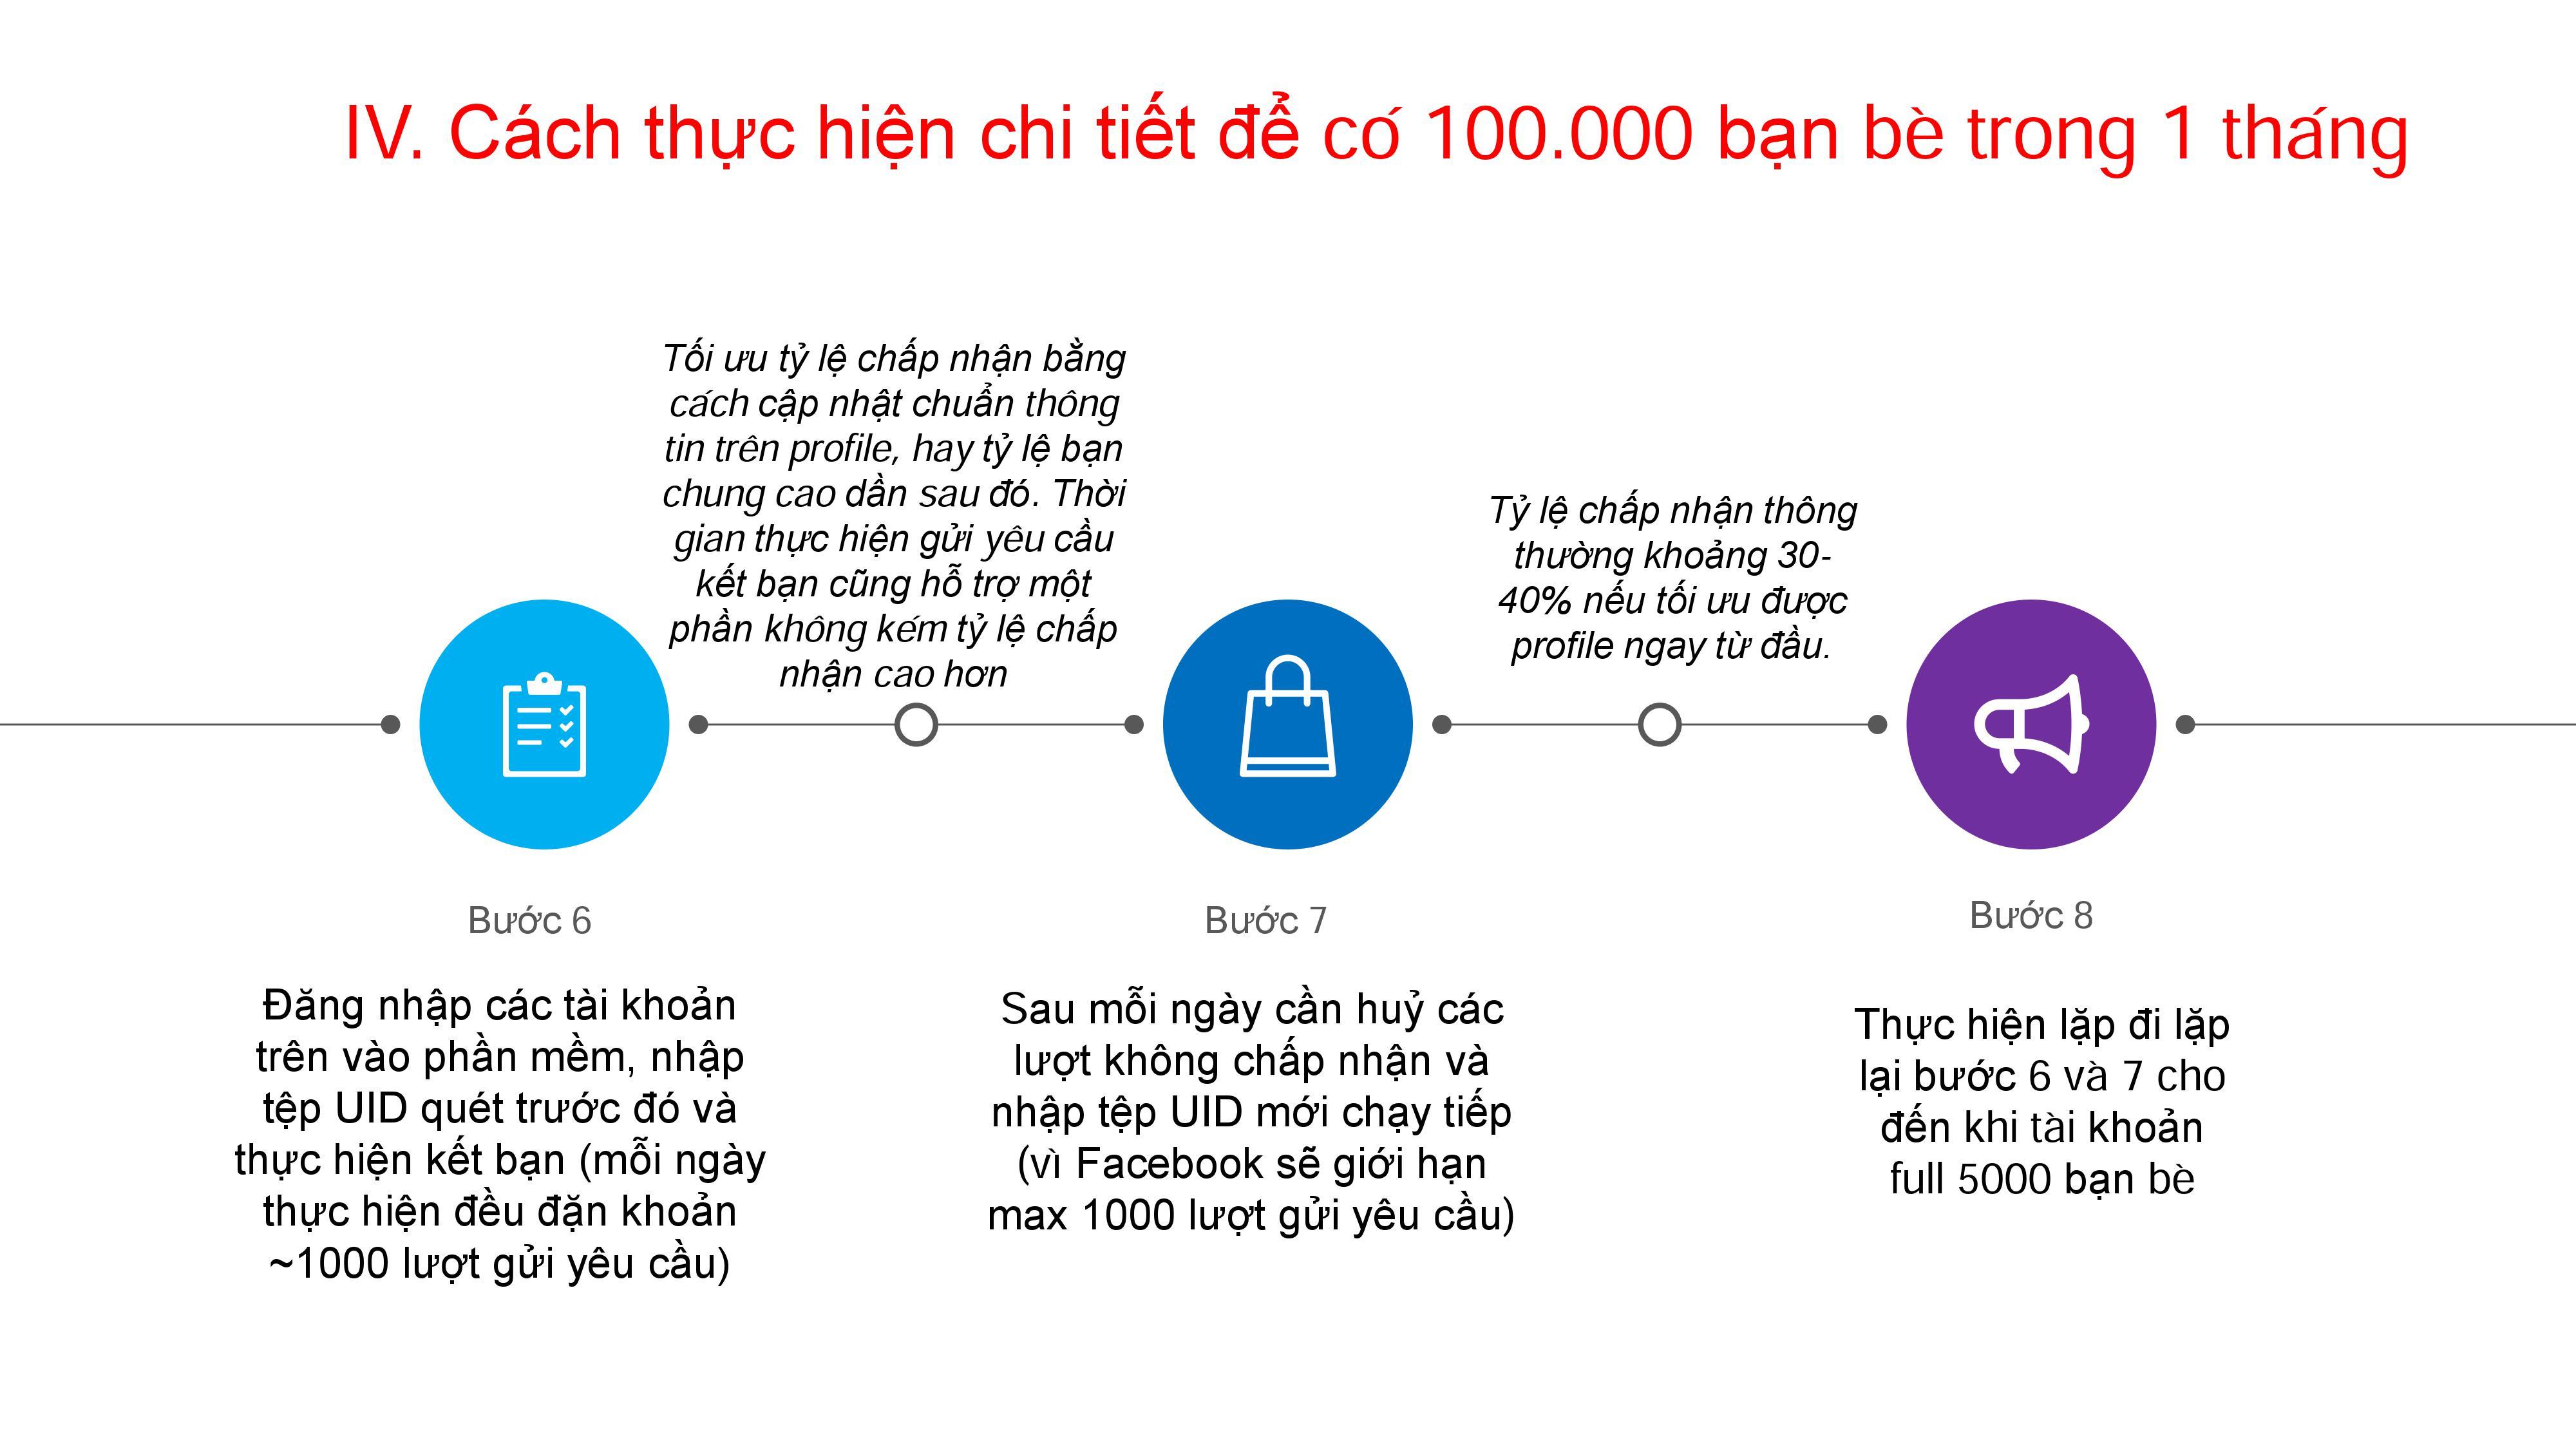 Hướng dẫn cách tạo 100,000 bạn trên facebook cực dễ sau 1 tháng